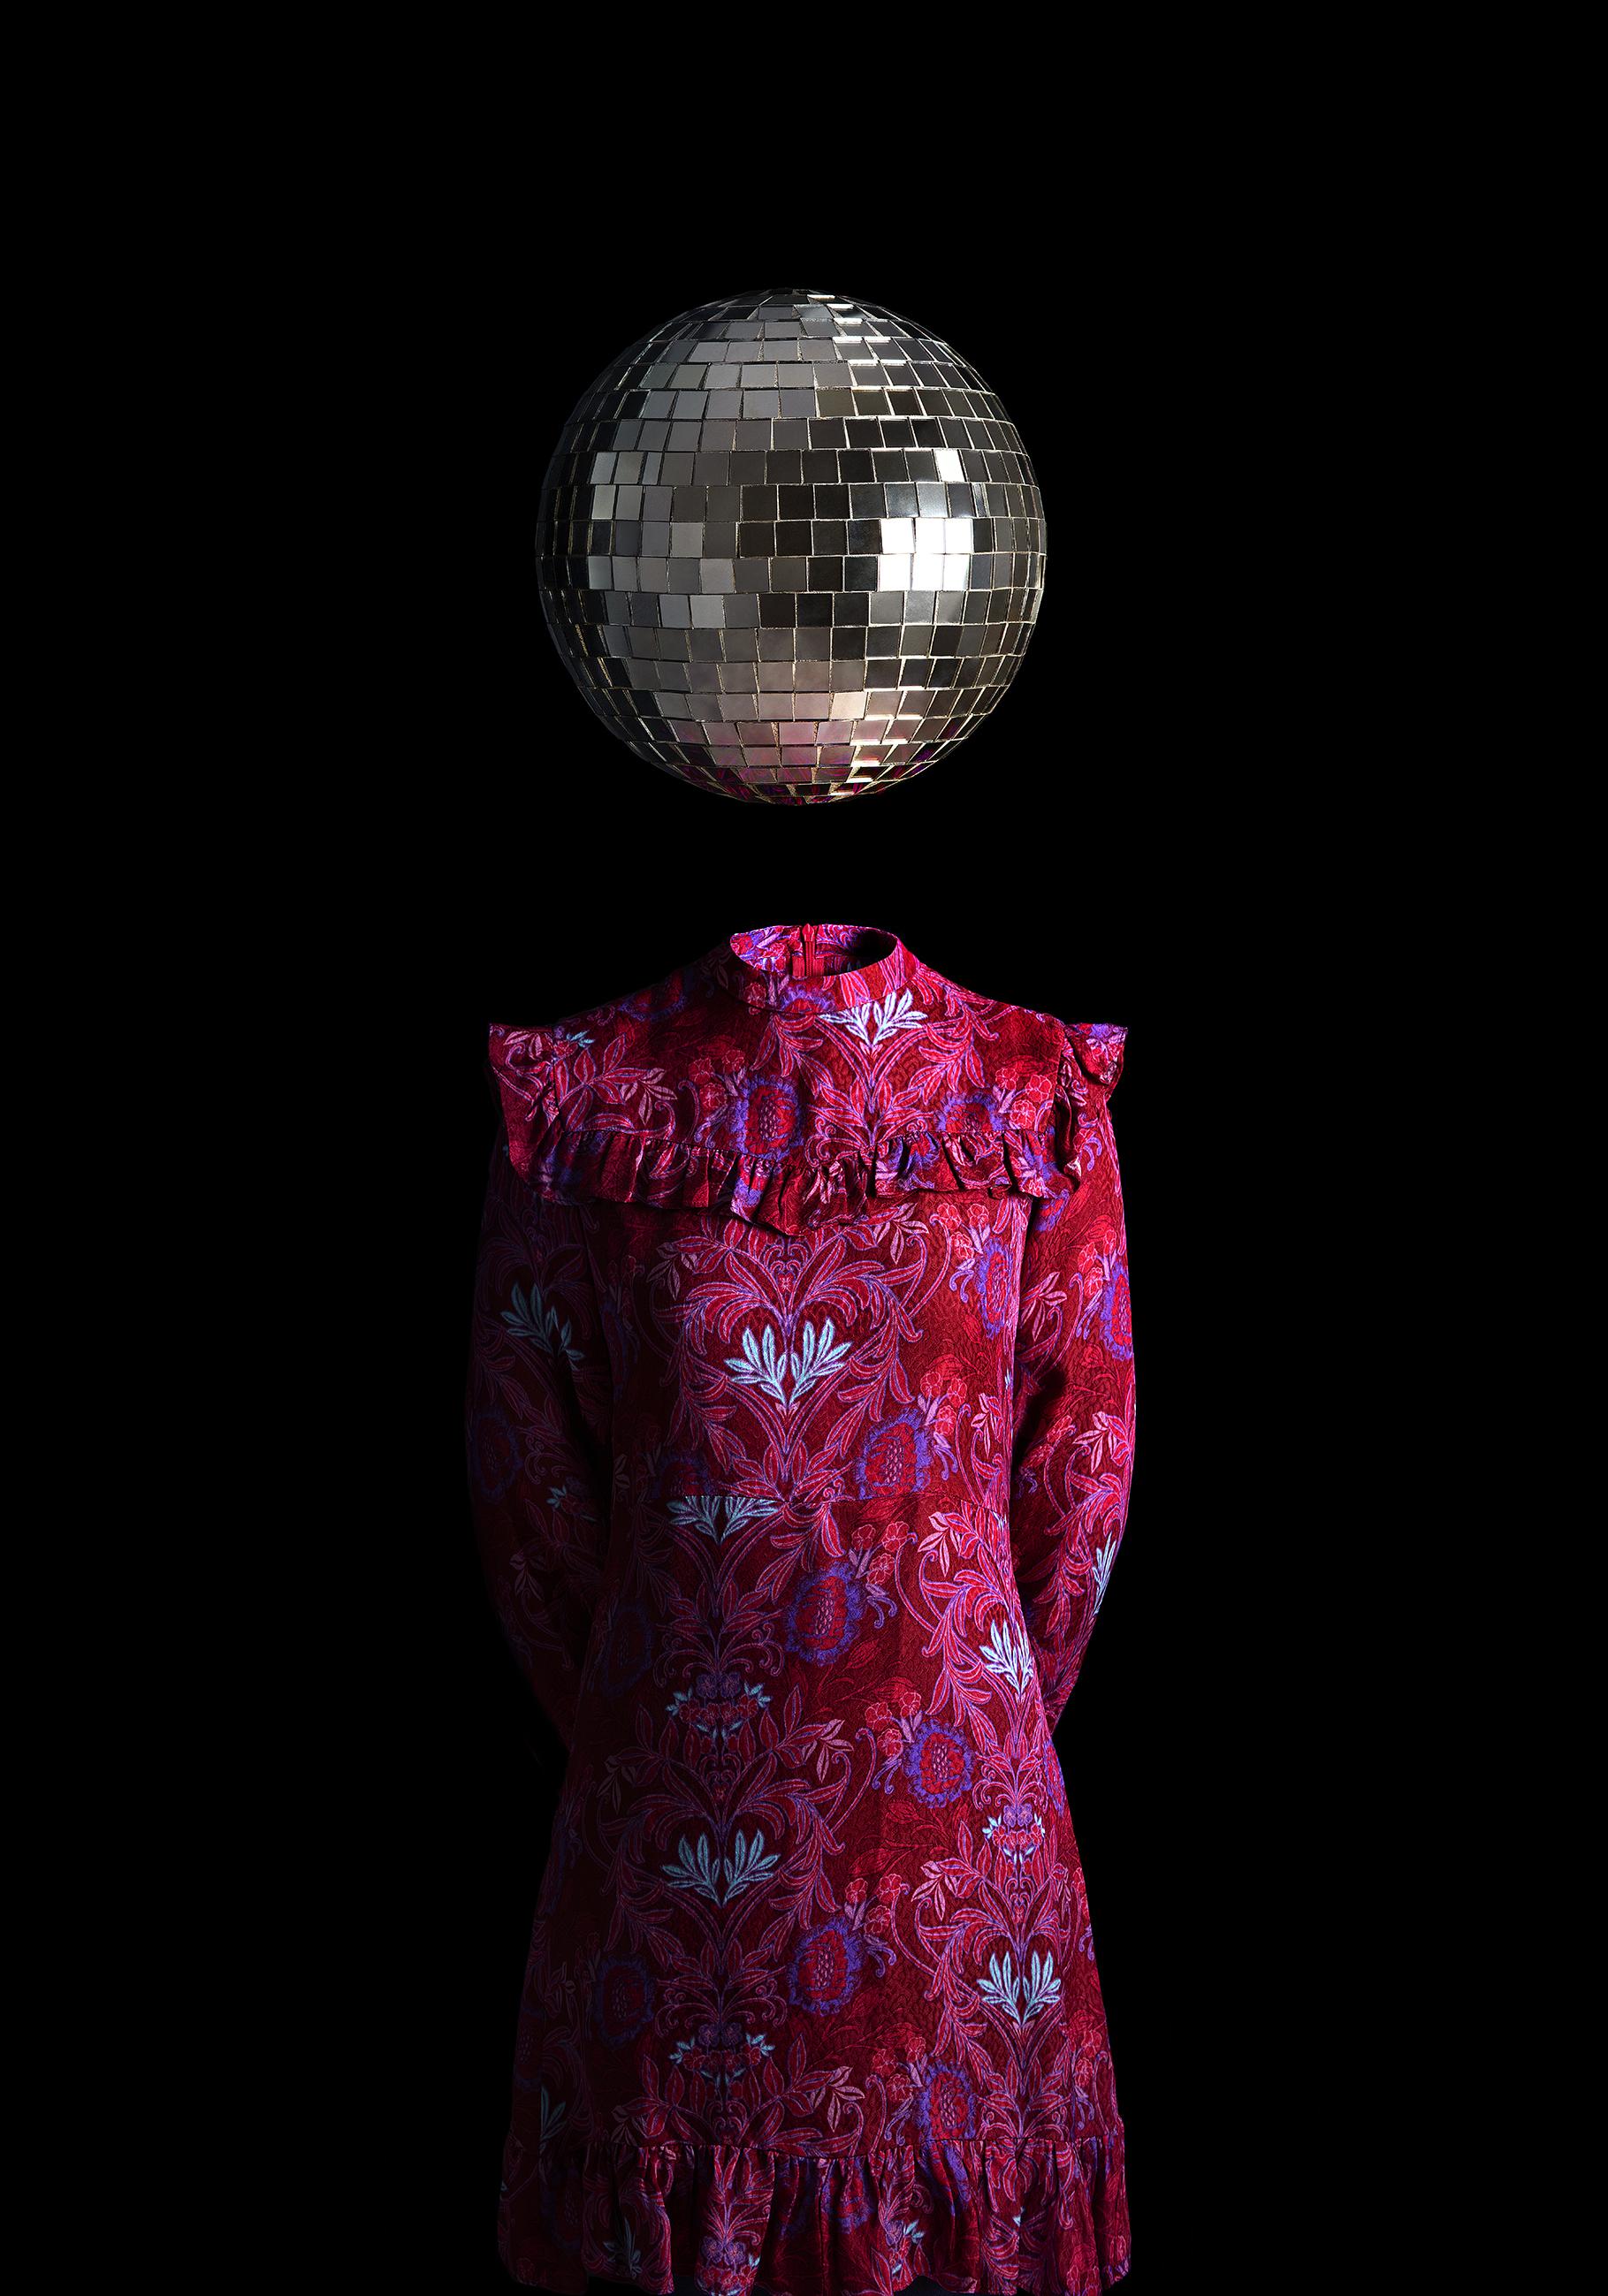 Ceci n'est pas un boule disco